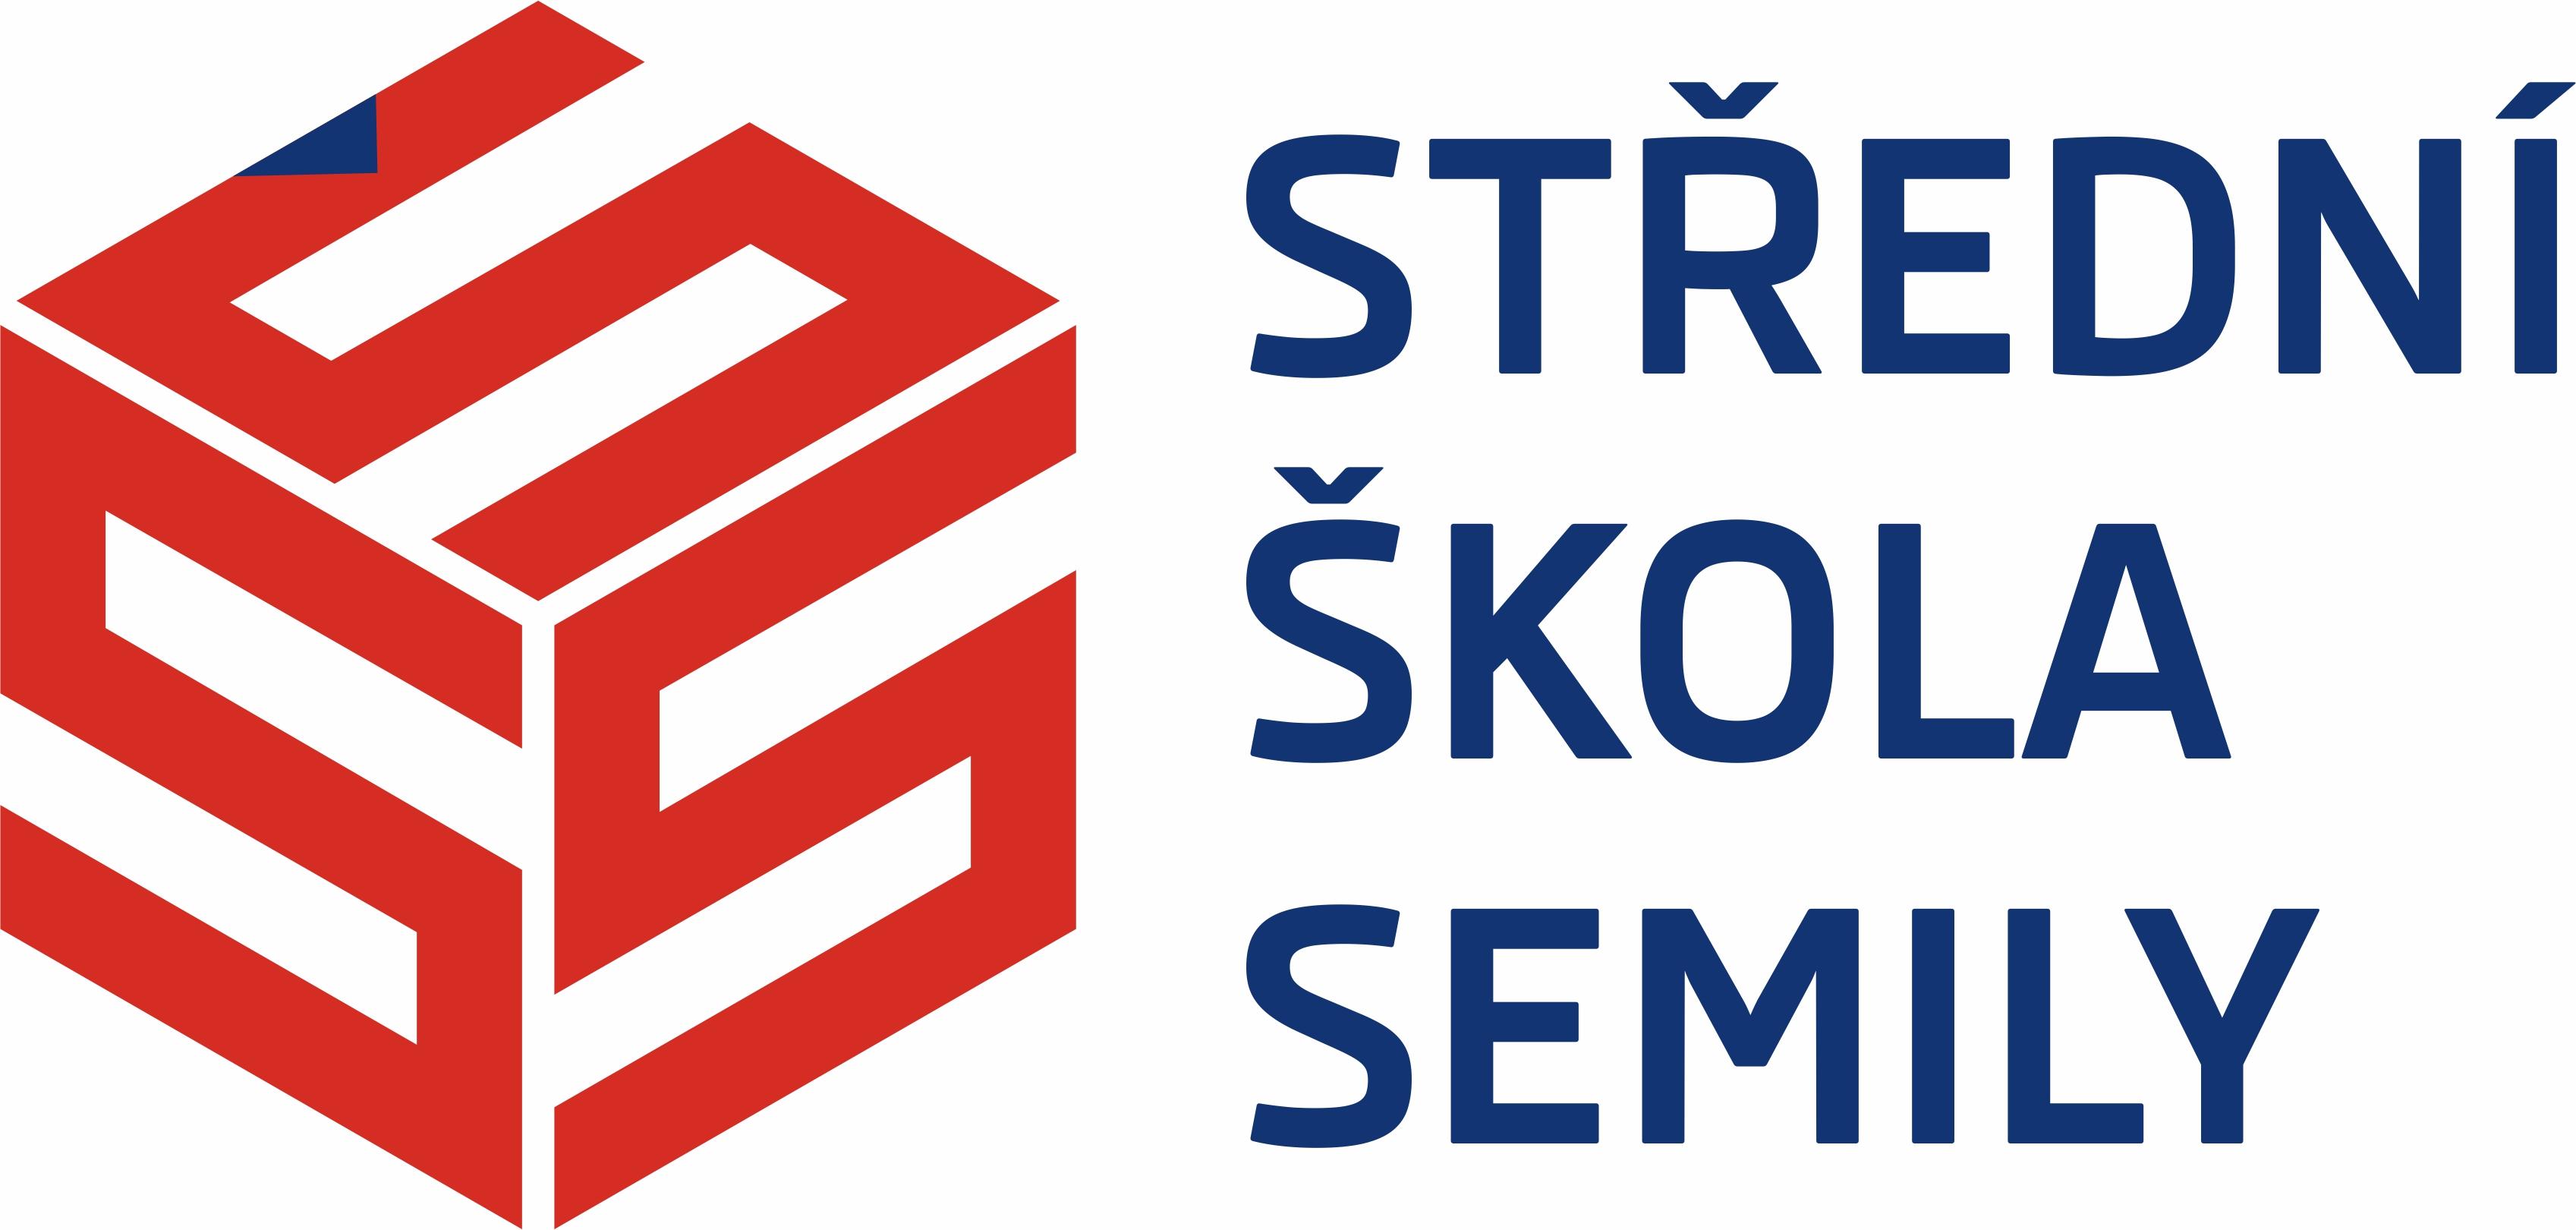 Střední škola Semily logo